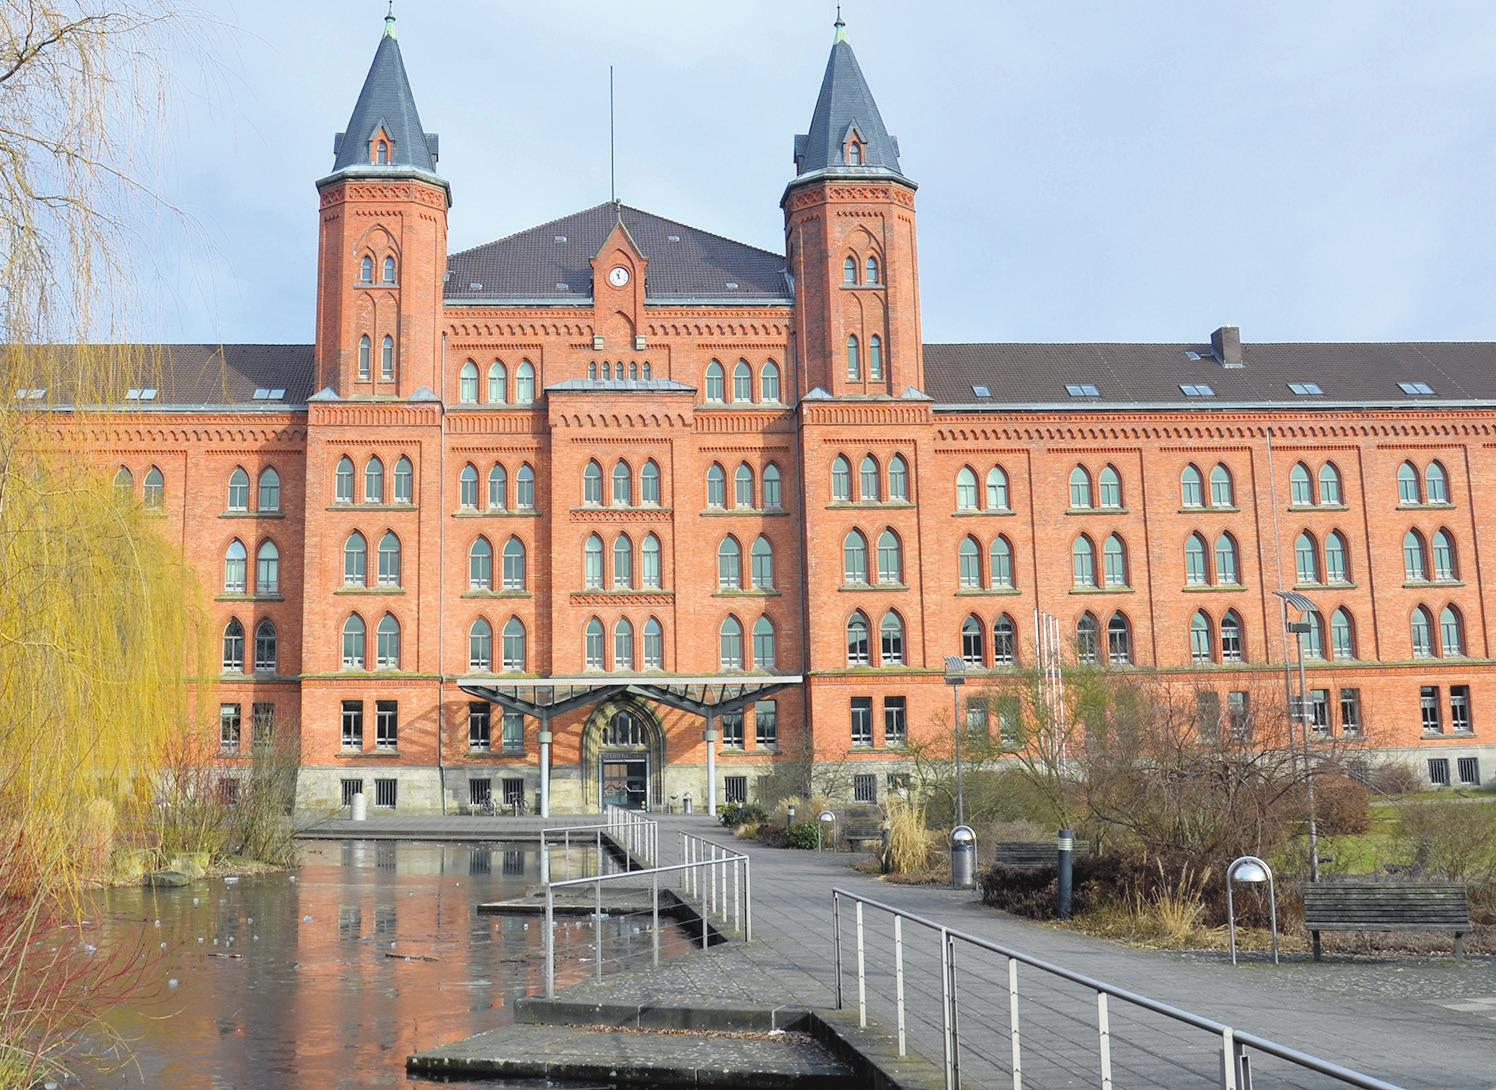 Die Stadt Celle hat in 2020 einen im Gesamtergebnis ausgeglichenen Haushalt. Archivfoto: Müller